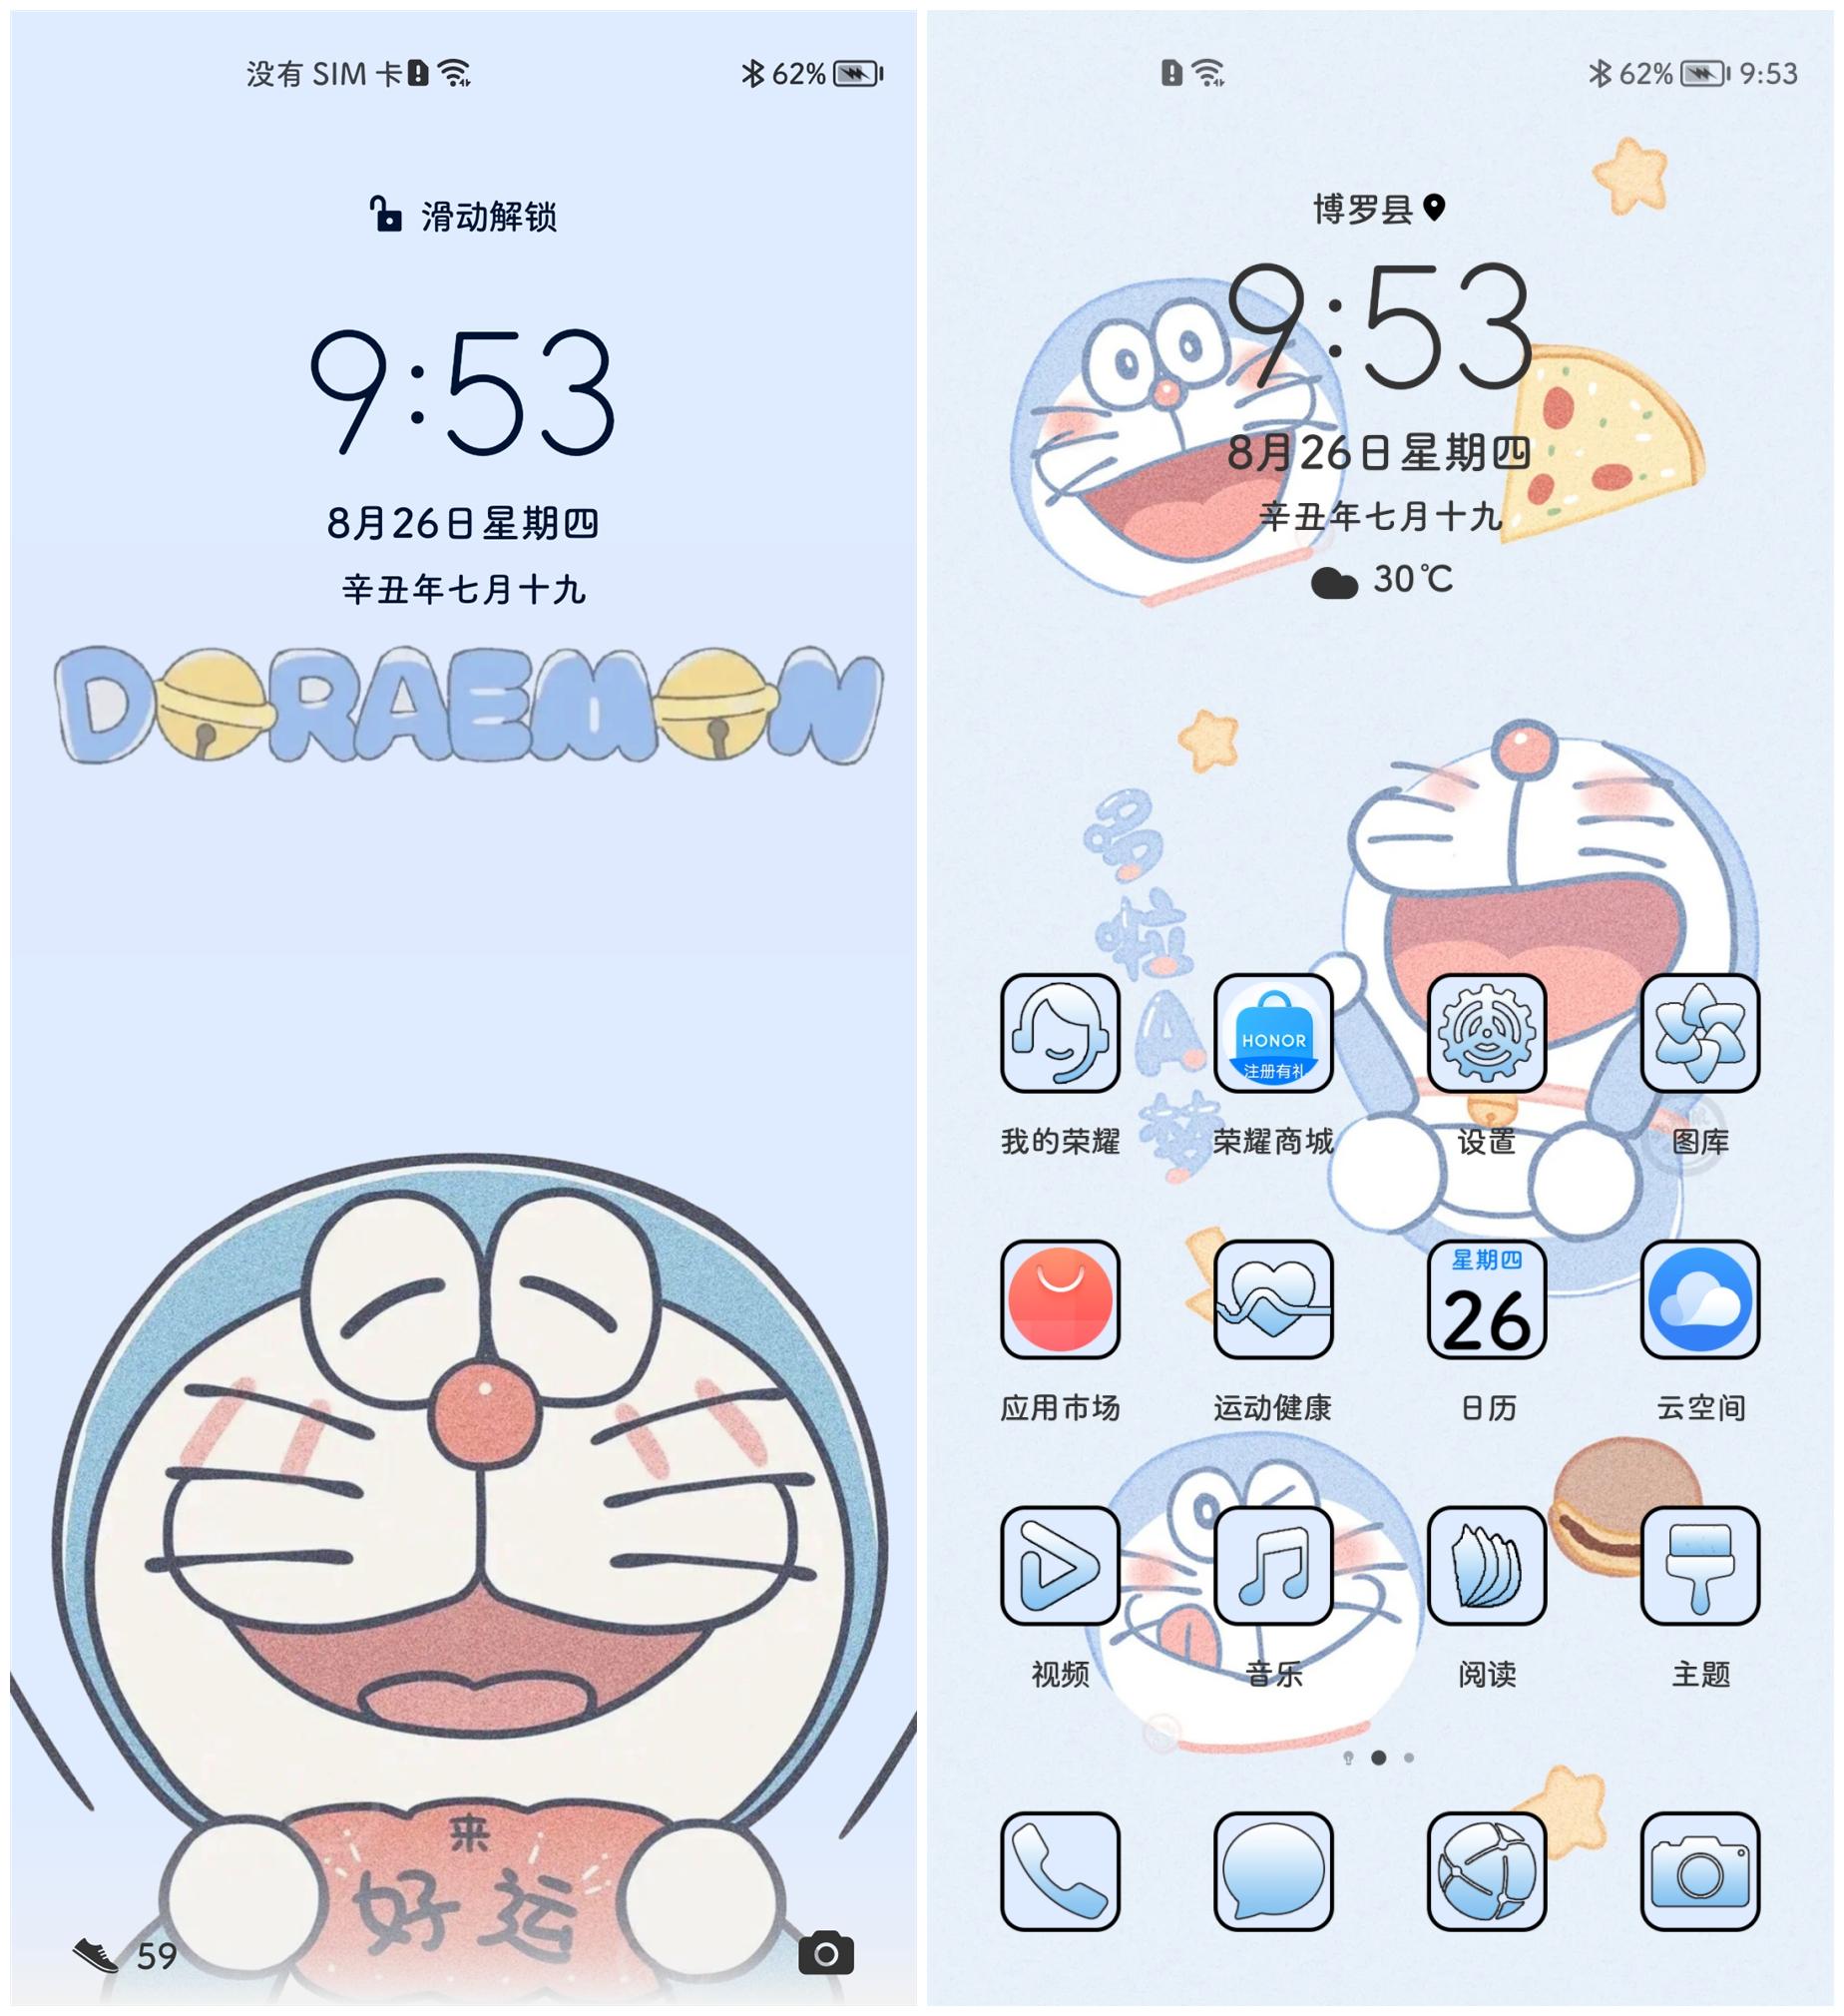 Screenshot_20210826_095344.jpg